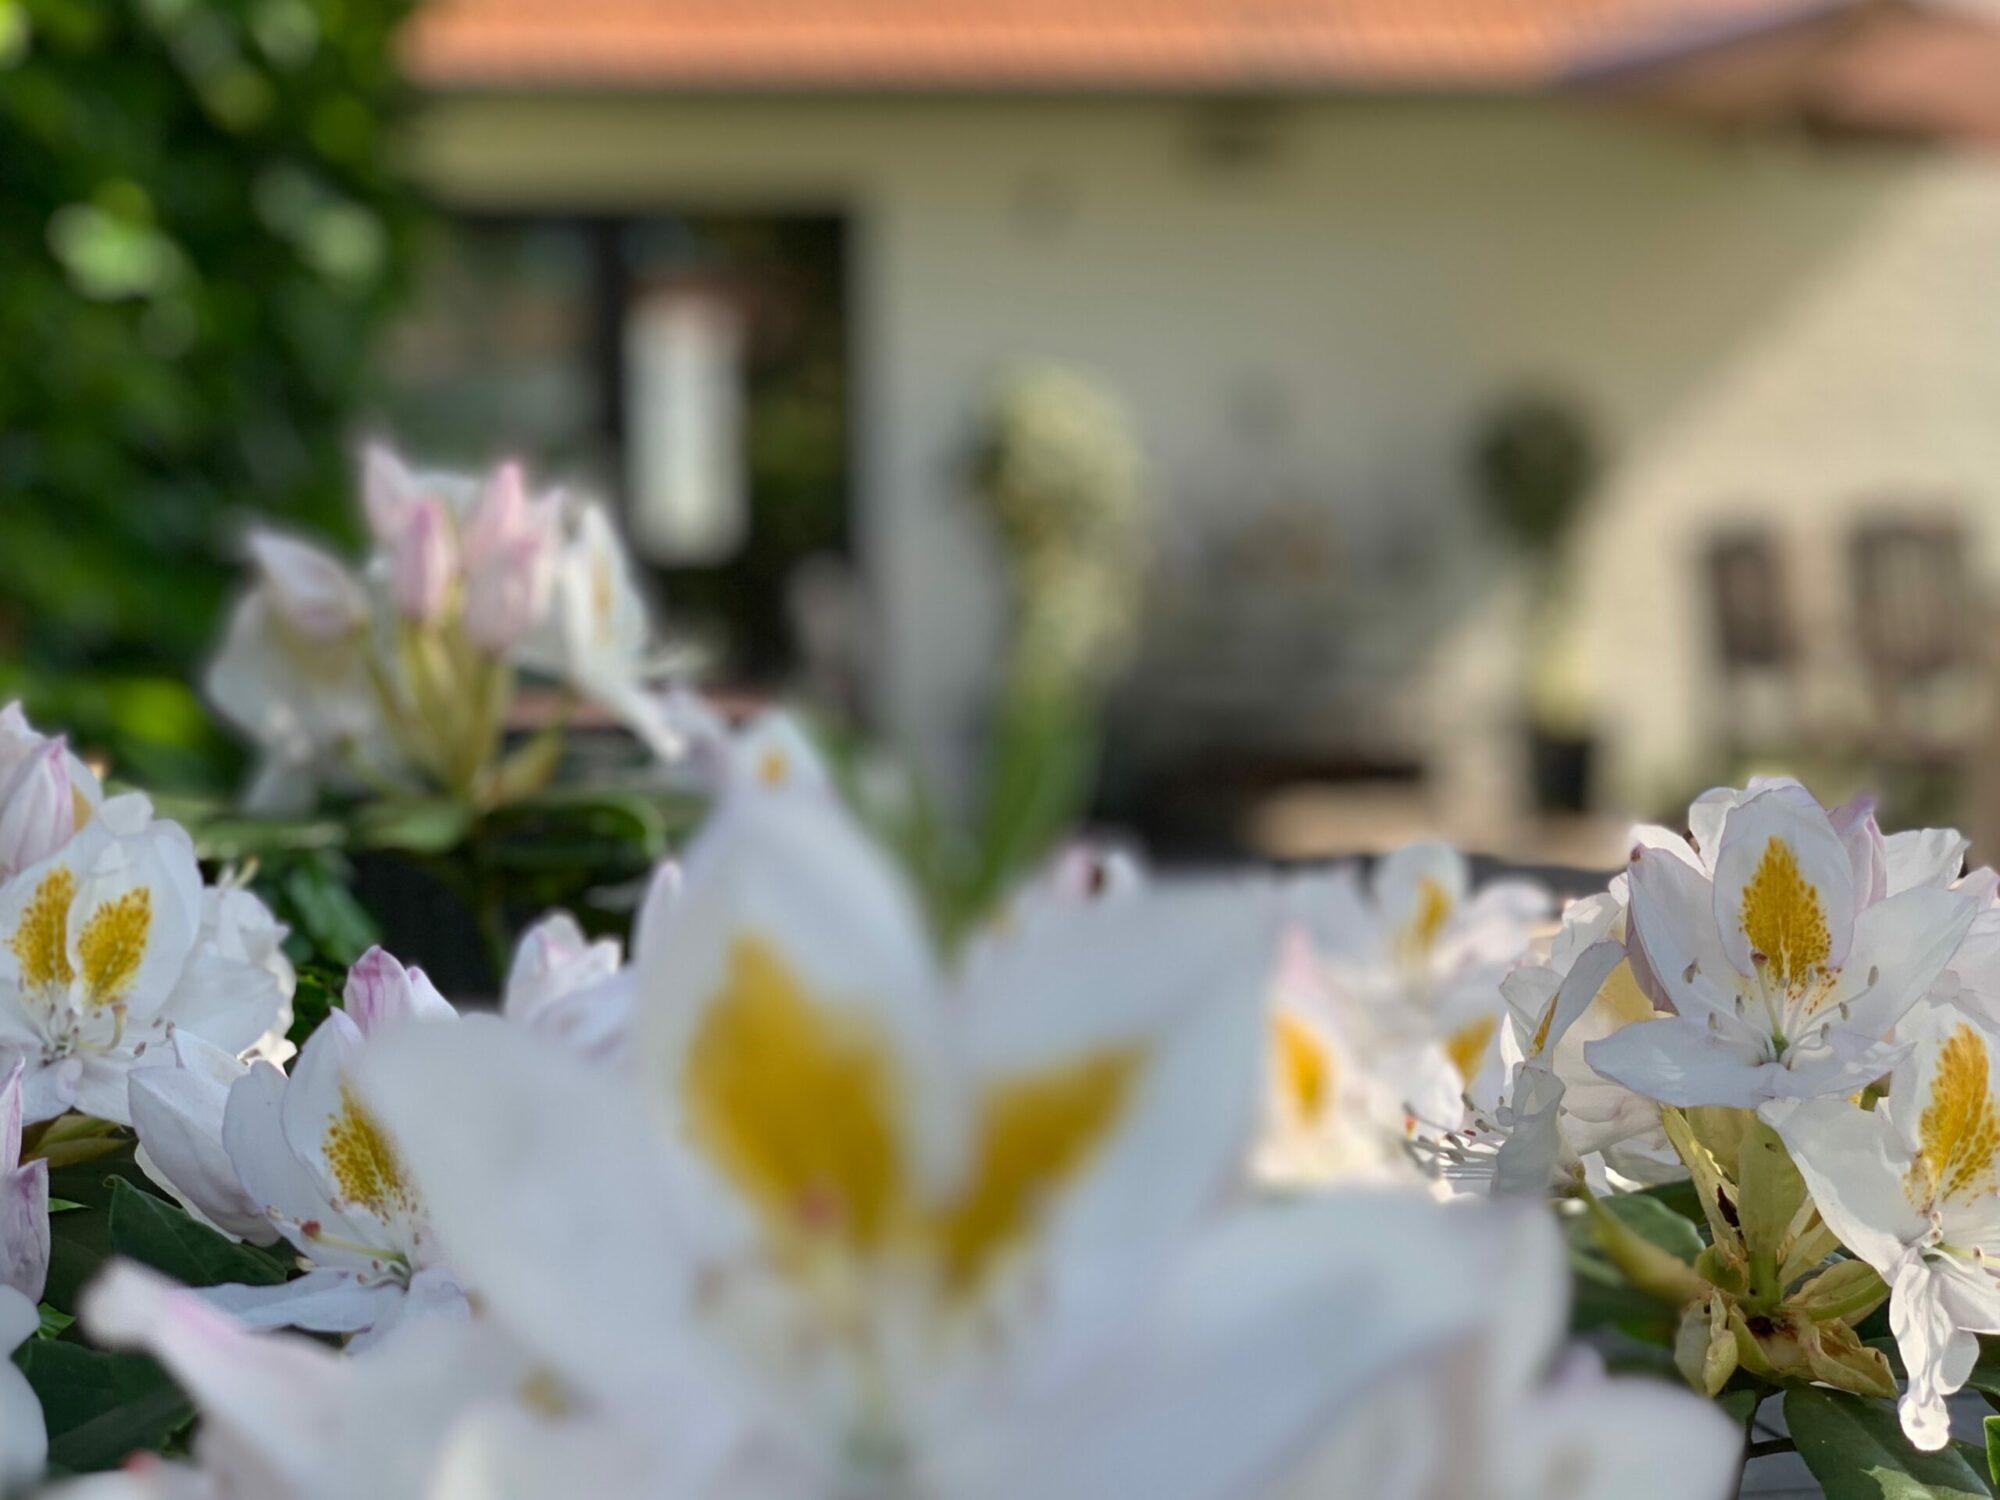 Heitse | B&B en vakantiewoning Sfeervol en luxueus overnachten in het Limburgse Heythuysen